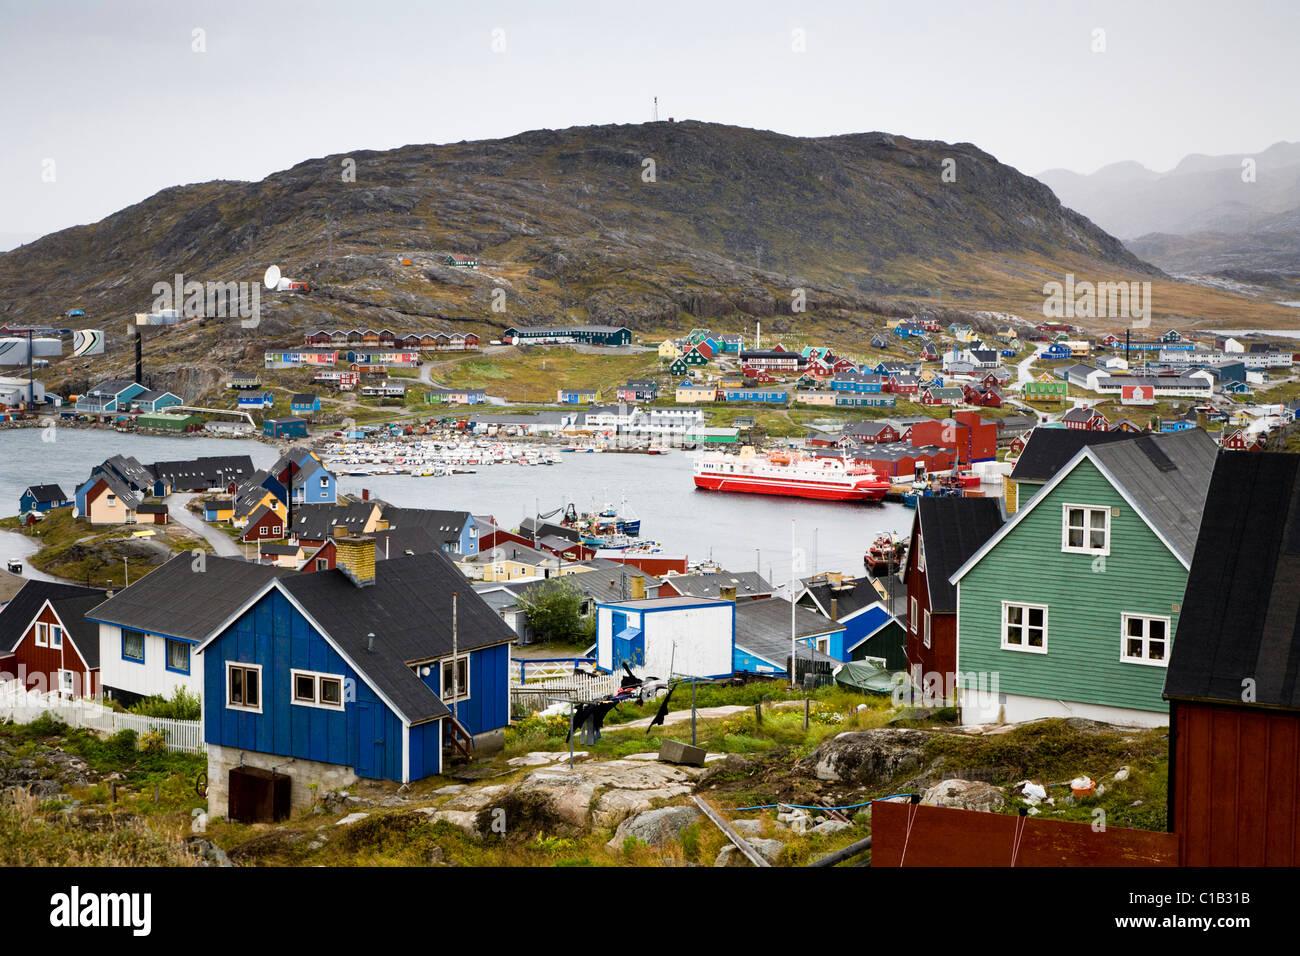 'M/S SARFAQ ITTUK' passenger vessel from 'Arctic Umiaq Line' at the harbor in Qaqortoq (Julianehåb), - Stock Image